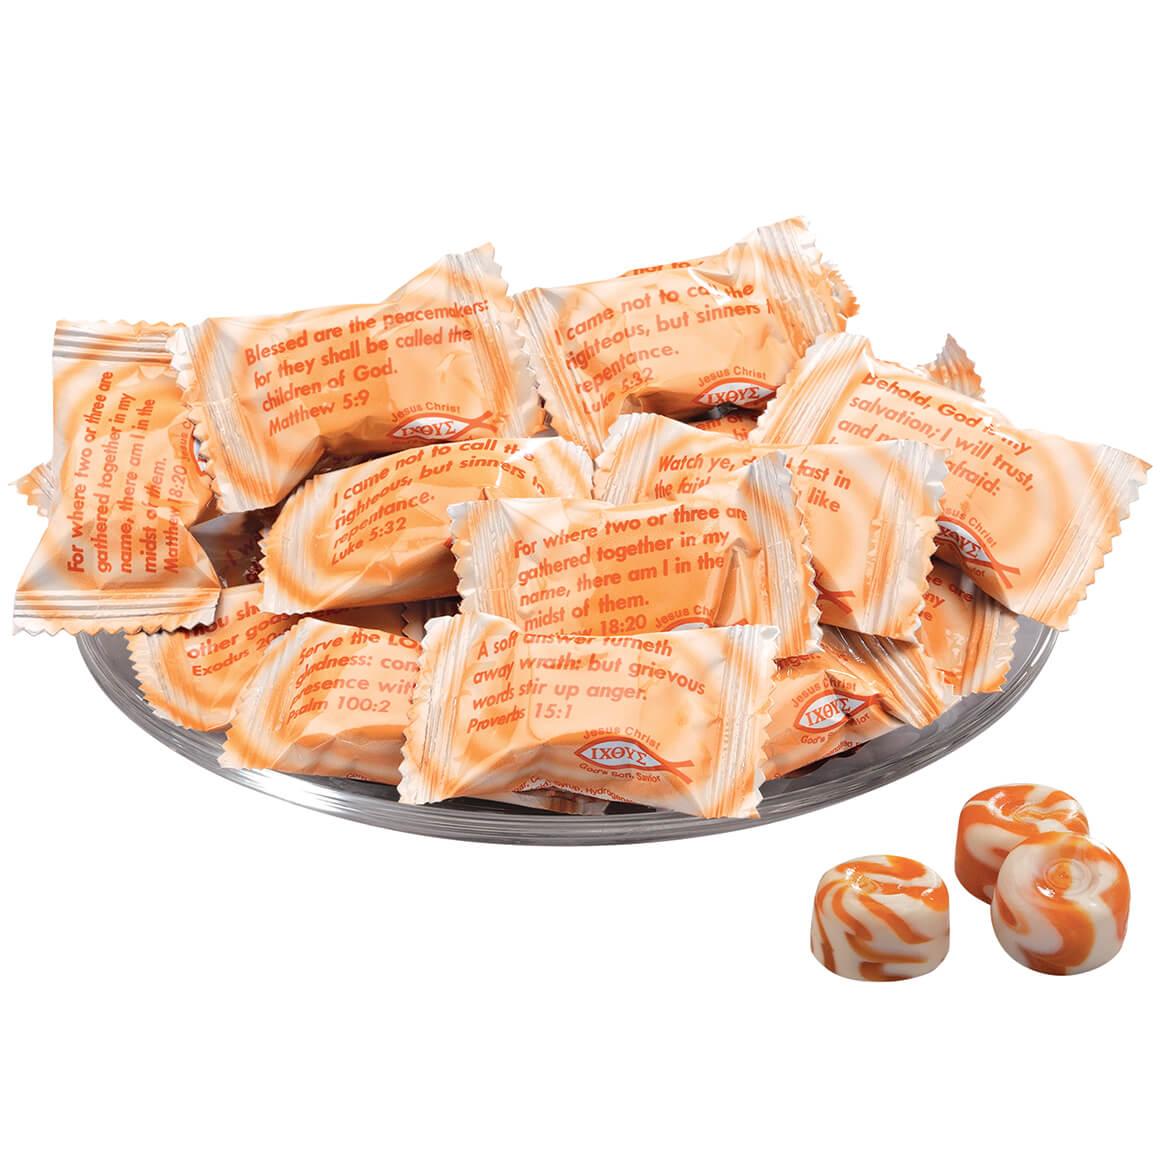 Orange & Cream Scripture Candy, 5.5 oz.-369242